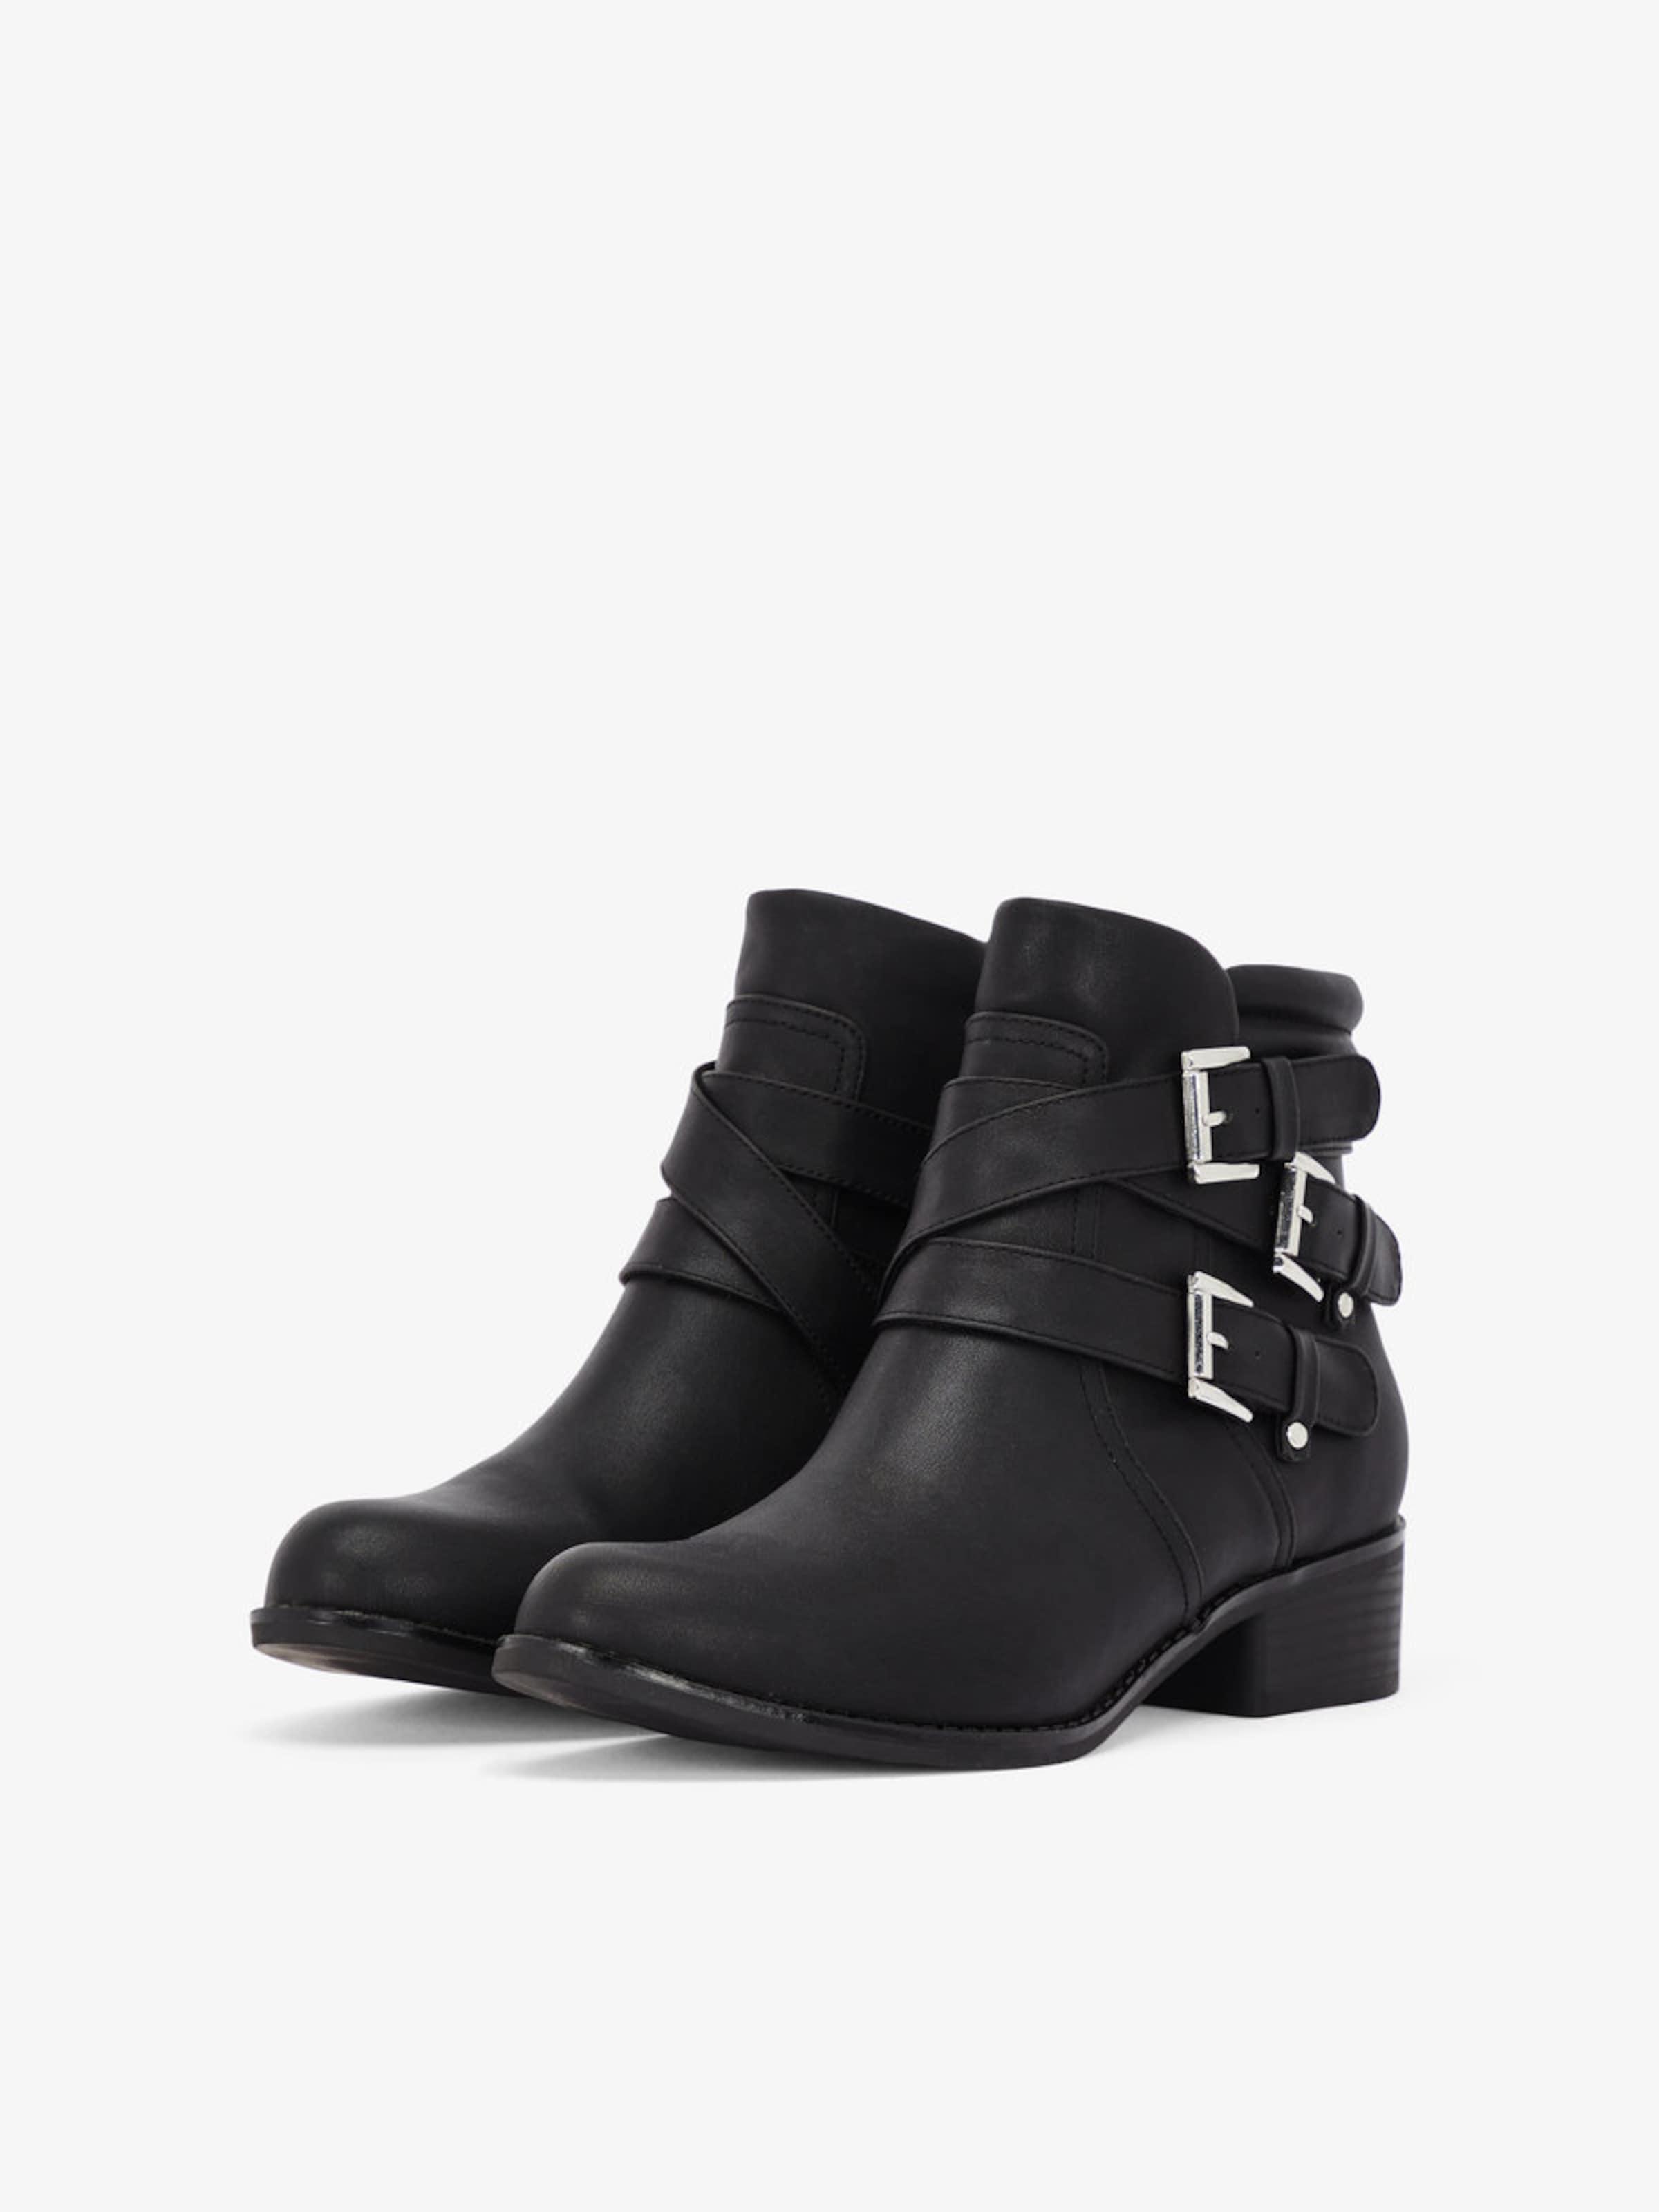 Noir Noir Bianco Boots Bianco En Boots En xQCWEBroed